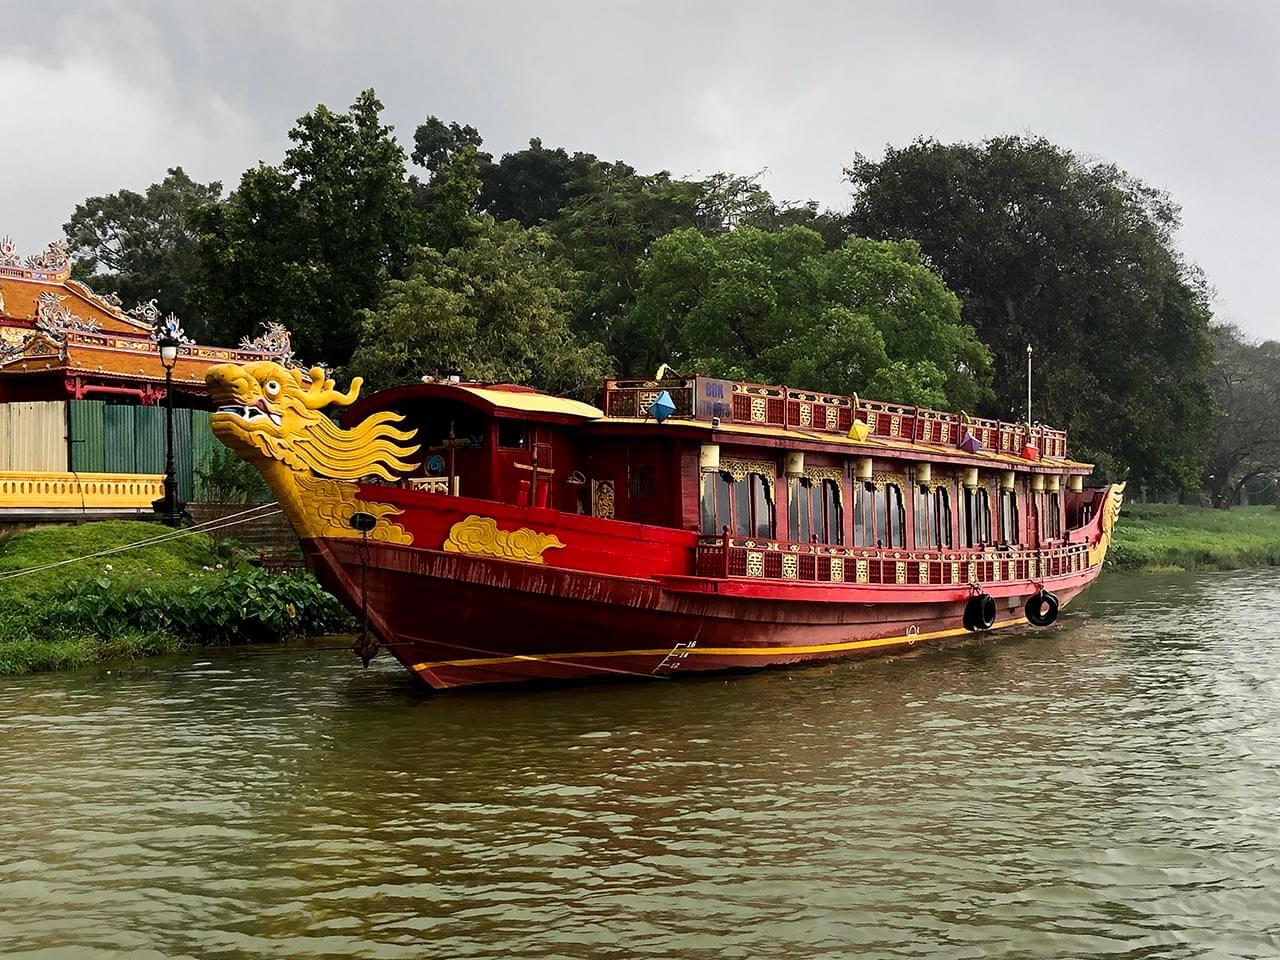 Vé nghe ca Huế trên sông Hương, Ca Huế trên sông Hương, dân ca huế trên sông Hương